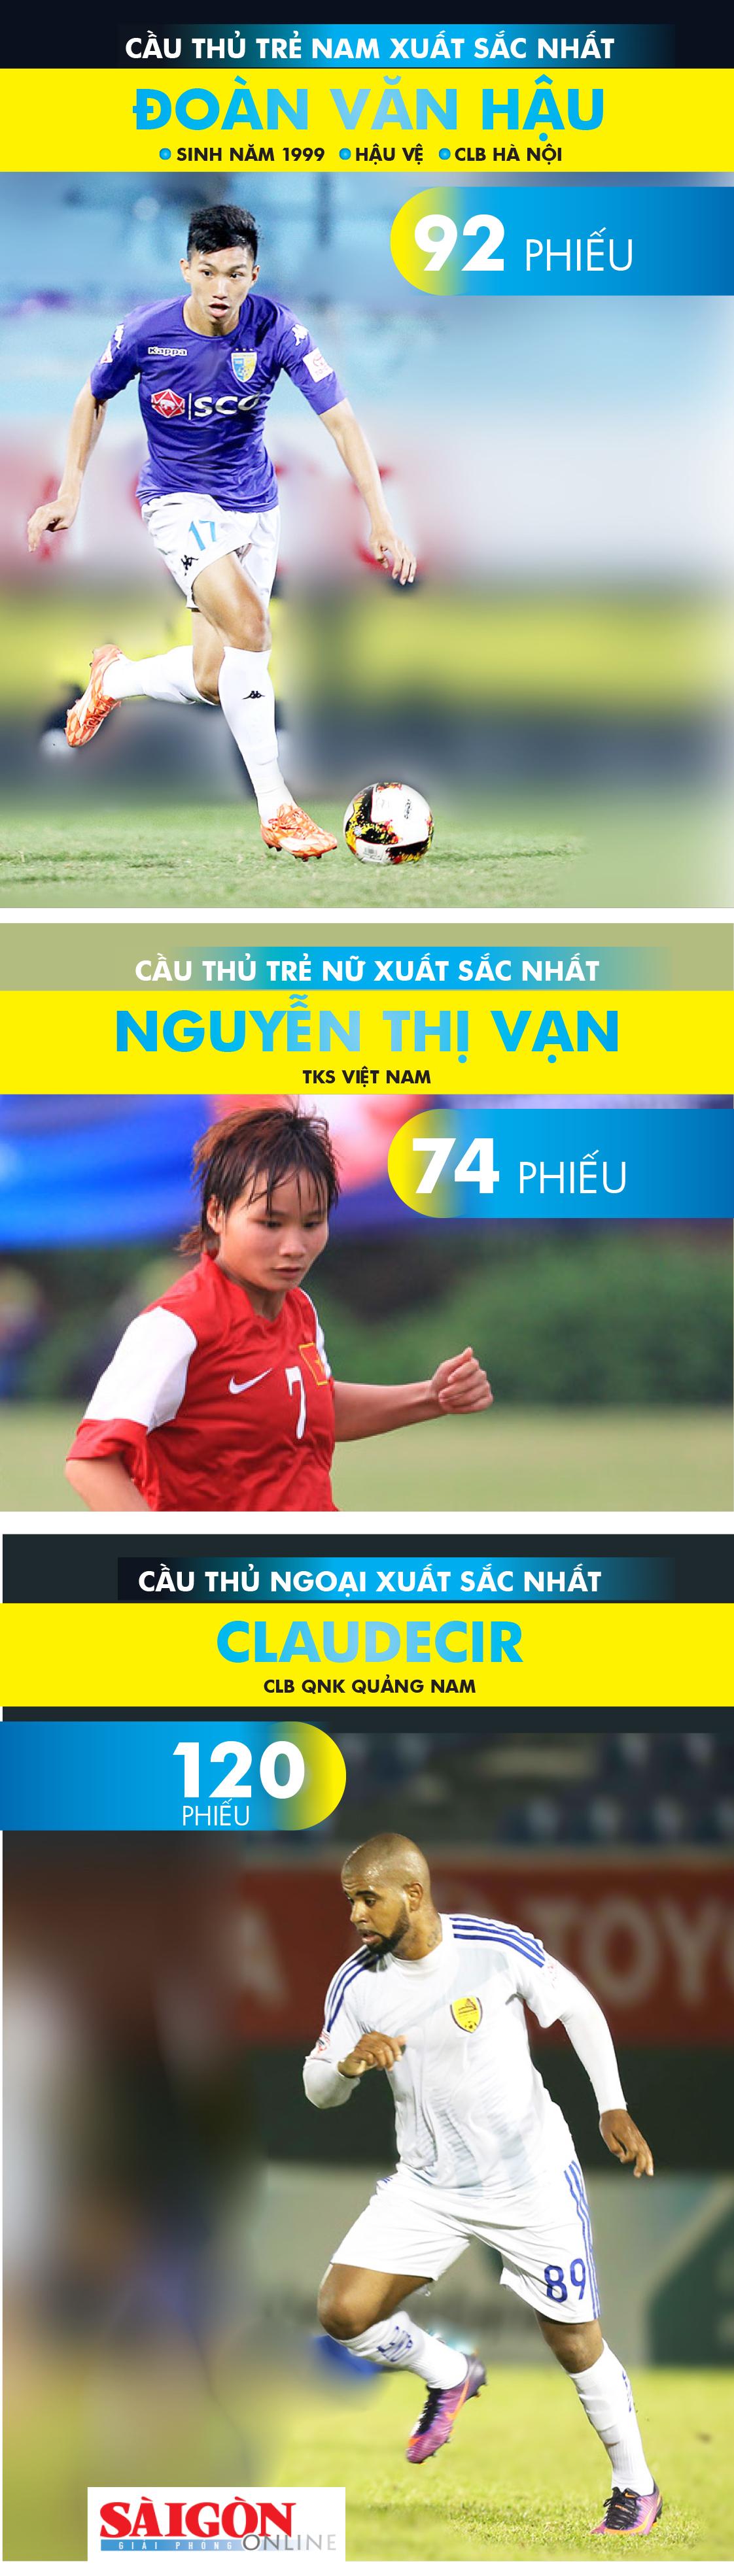 Thành Trung và Kiều Trinh đoạt Quả bóng Vàng Việt Nam 2017 ảnh 4